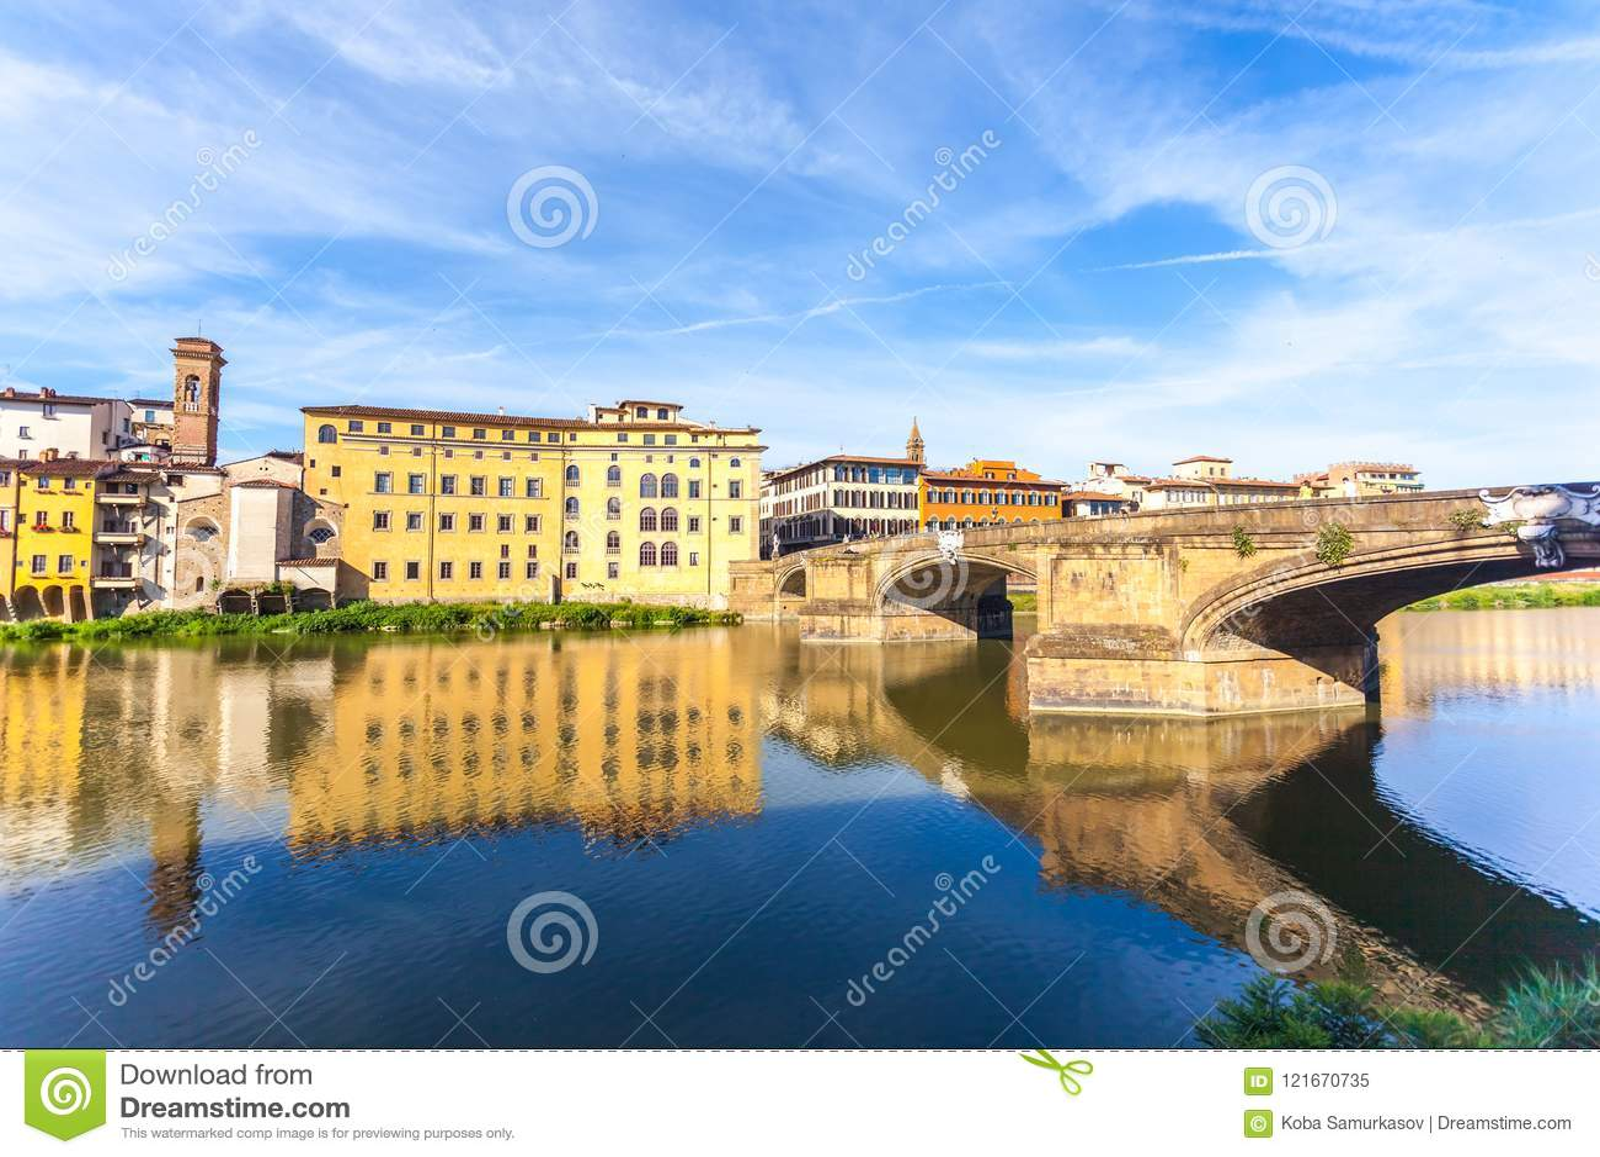 Ζωηρόχρωμη παλαιά γραμμή κτηρίων ο ποταμός Arno στη Φλωρεντία, Ιταλία